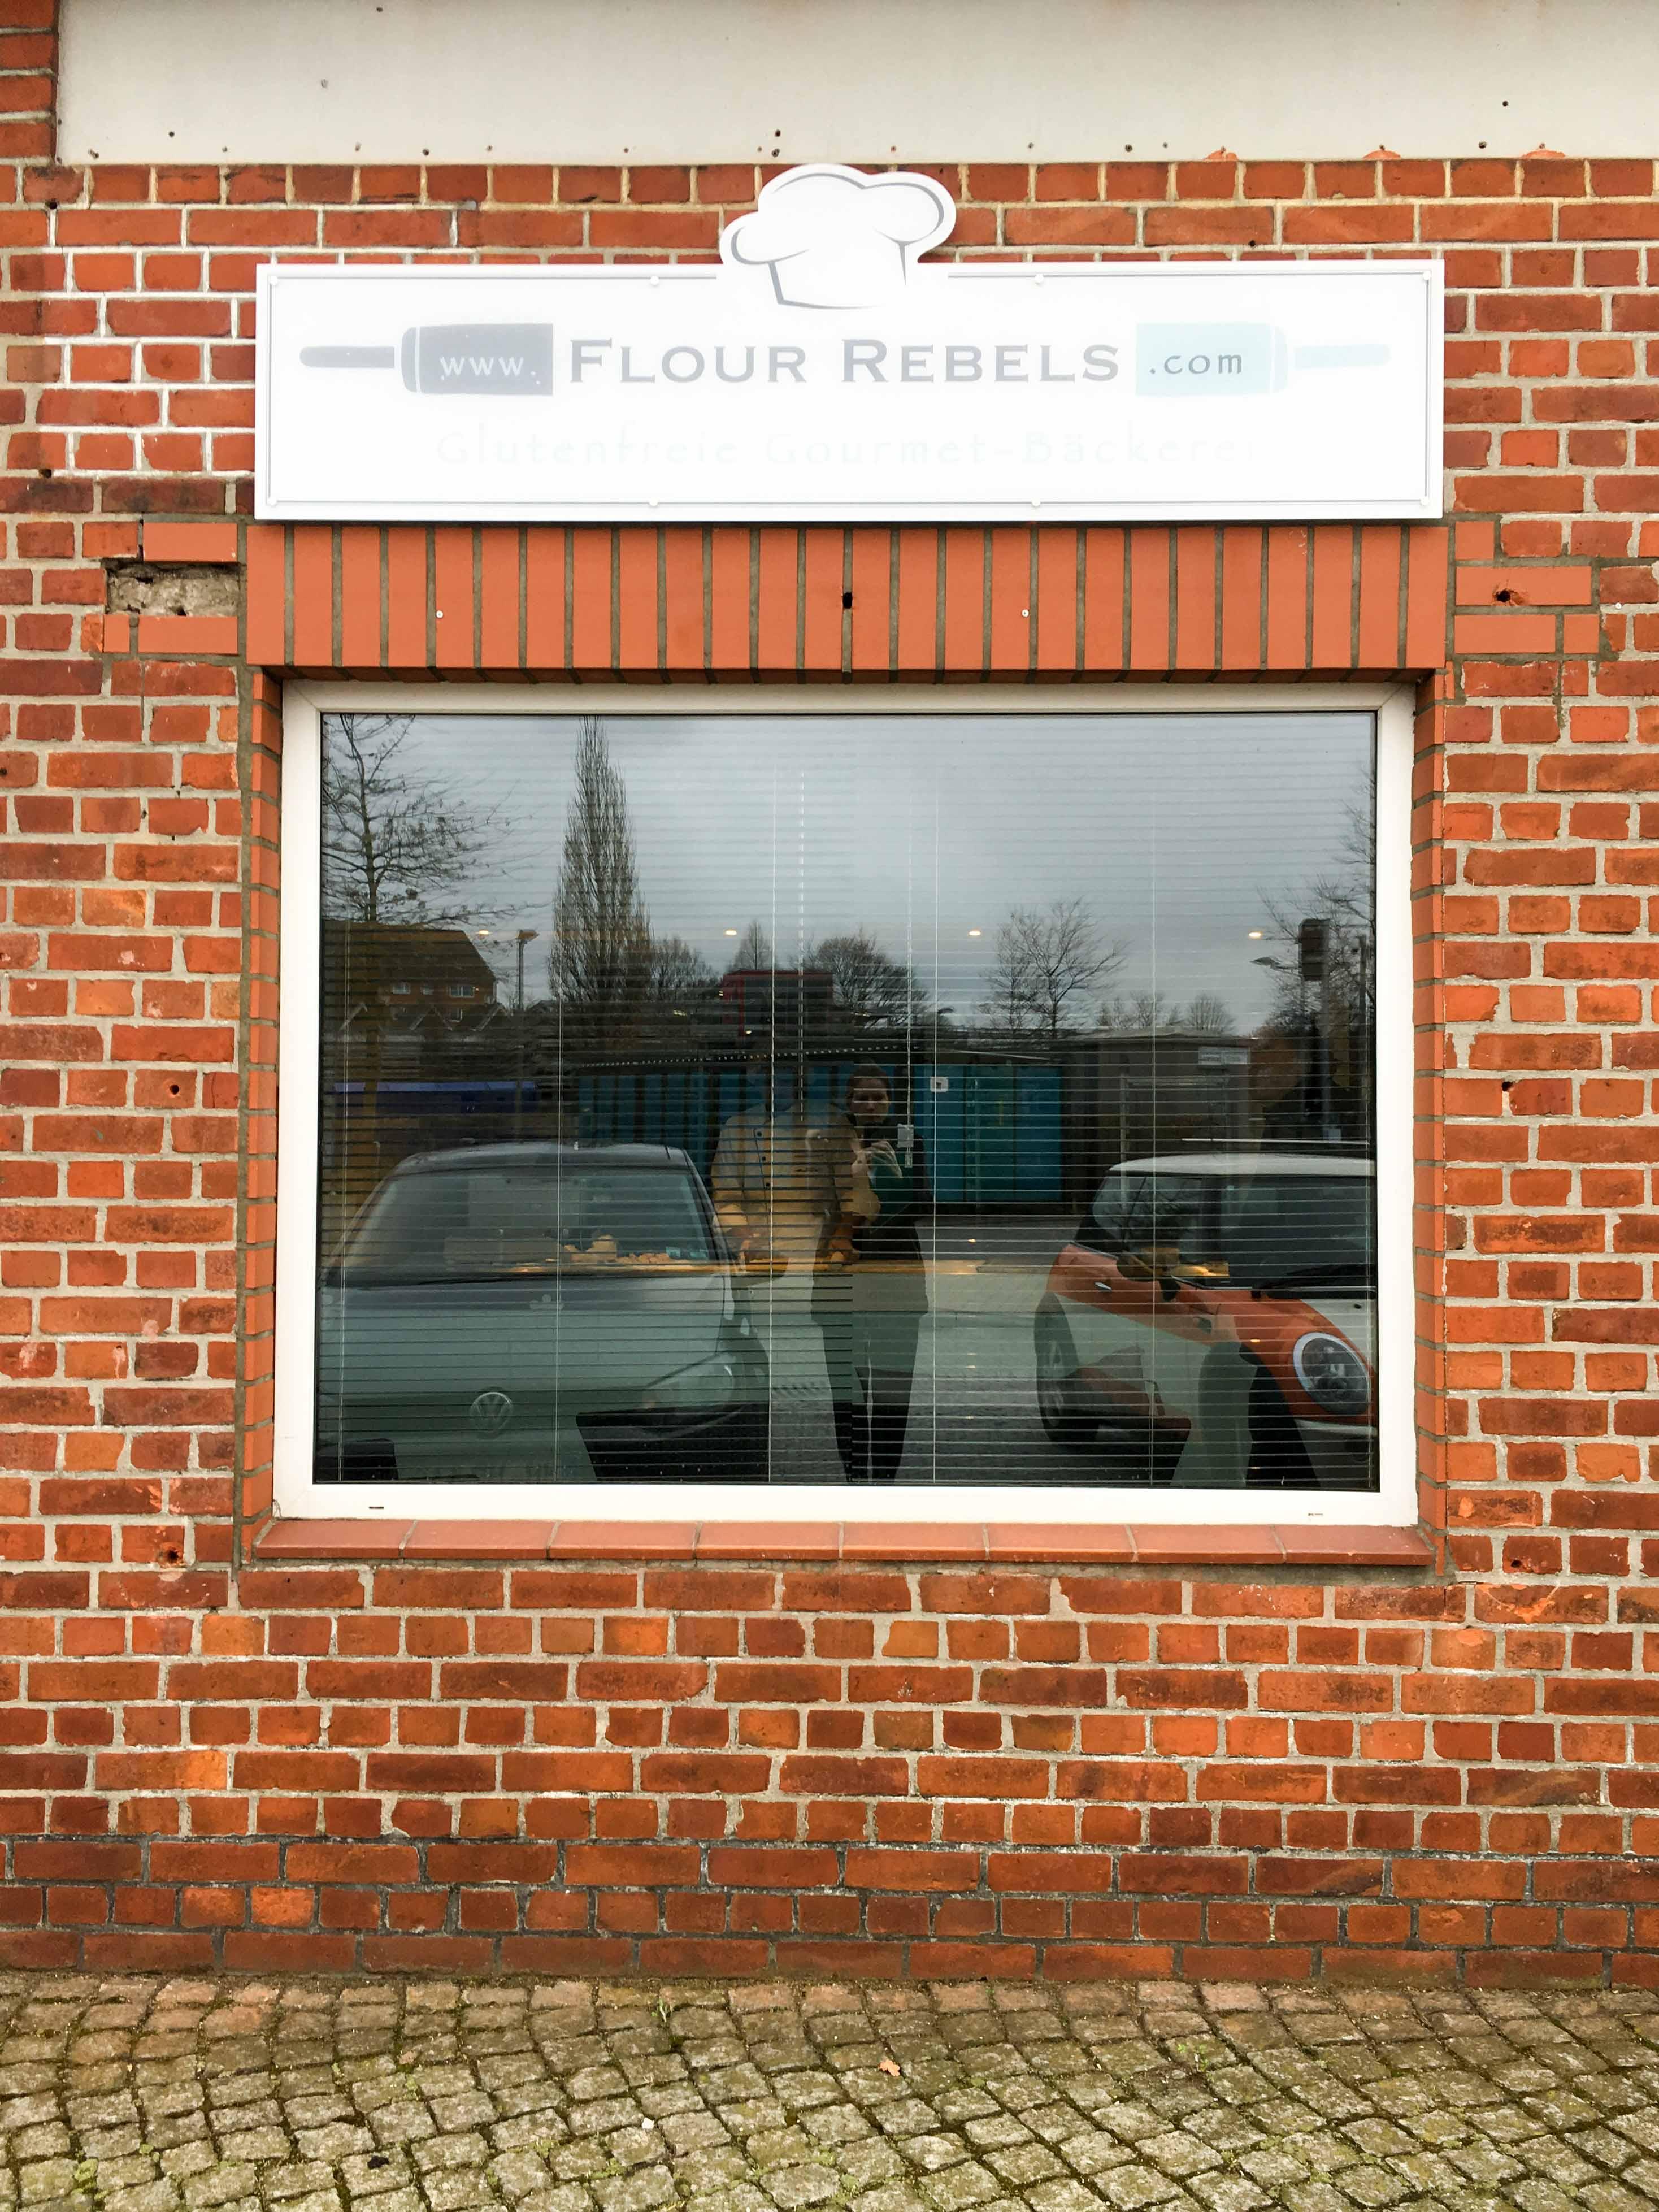 flour rebels